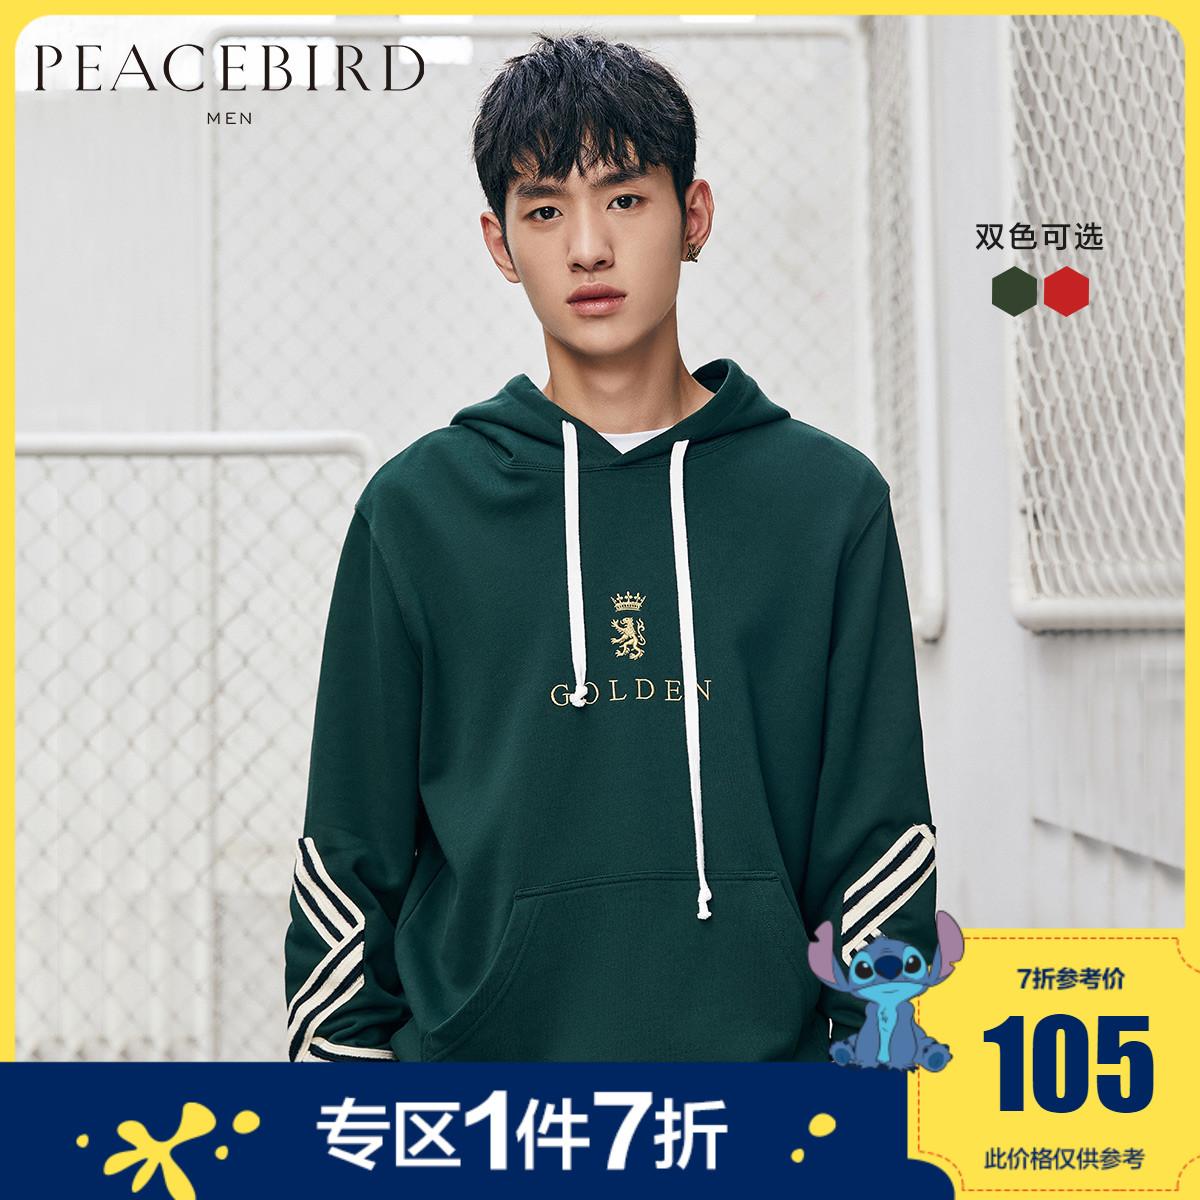 太平鸟男装 春季新品男士青年韩版绿色连帽卫衣日韩时尚潮流外套